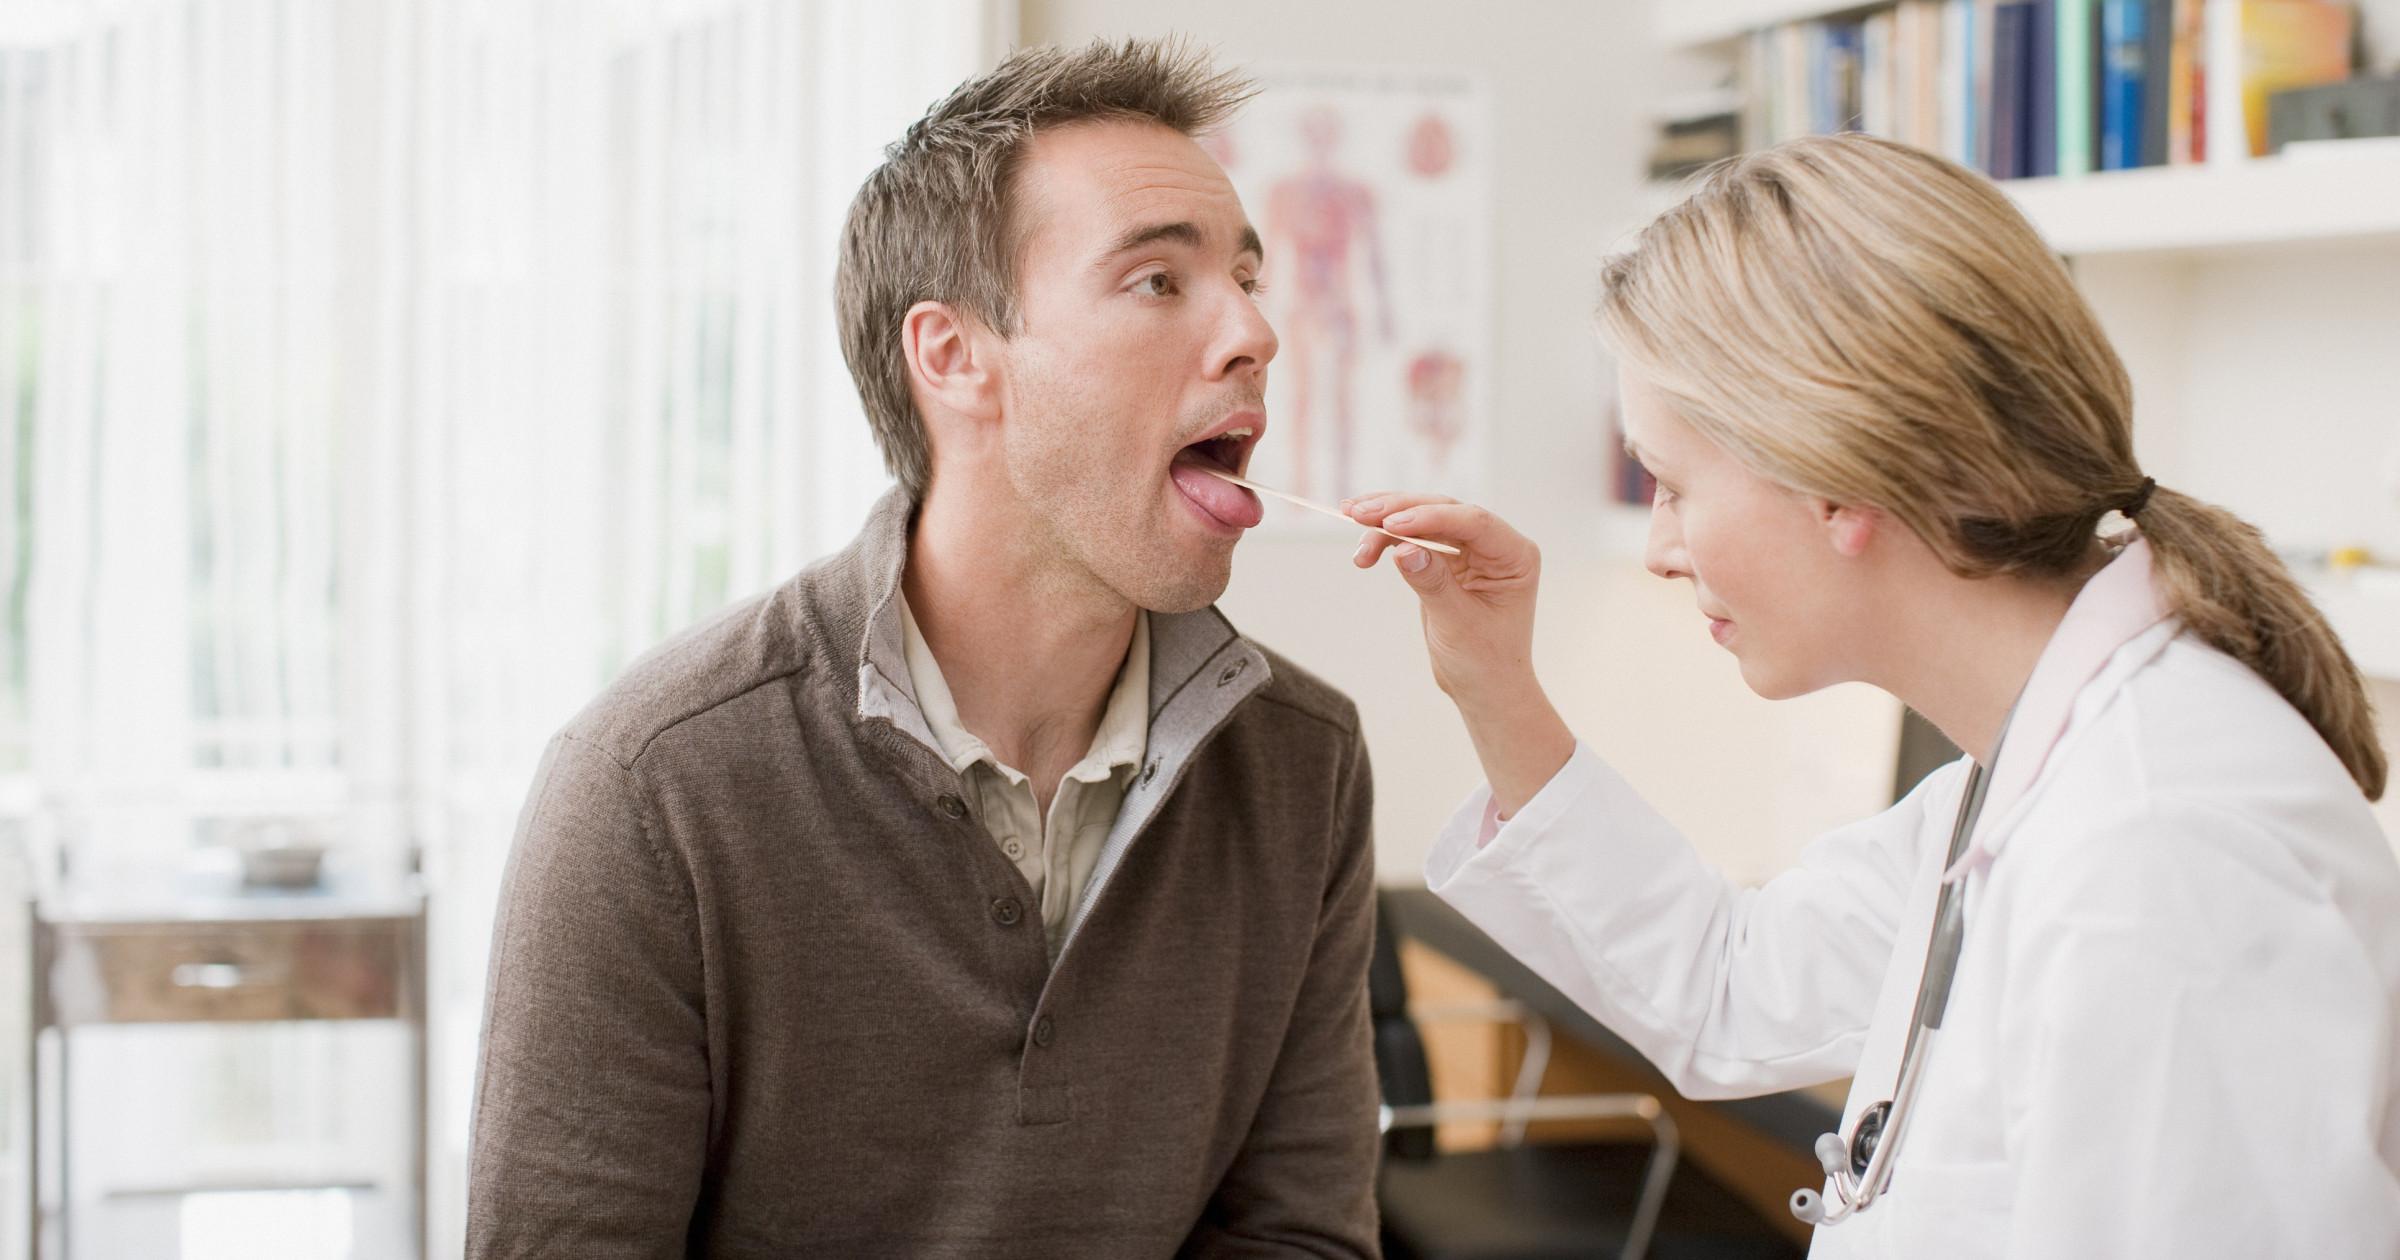 Oral Hairy Leukoplakia (OHL) - POZ